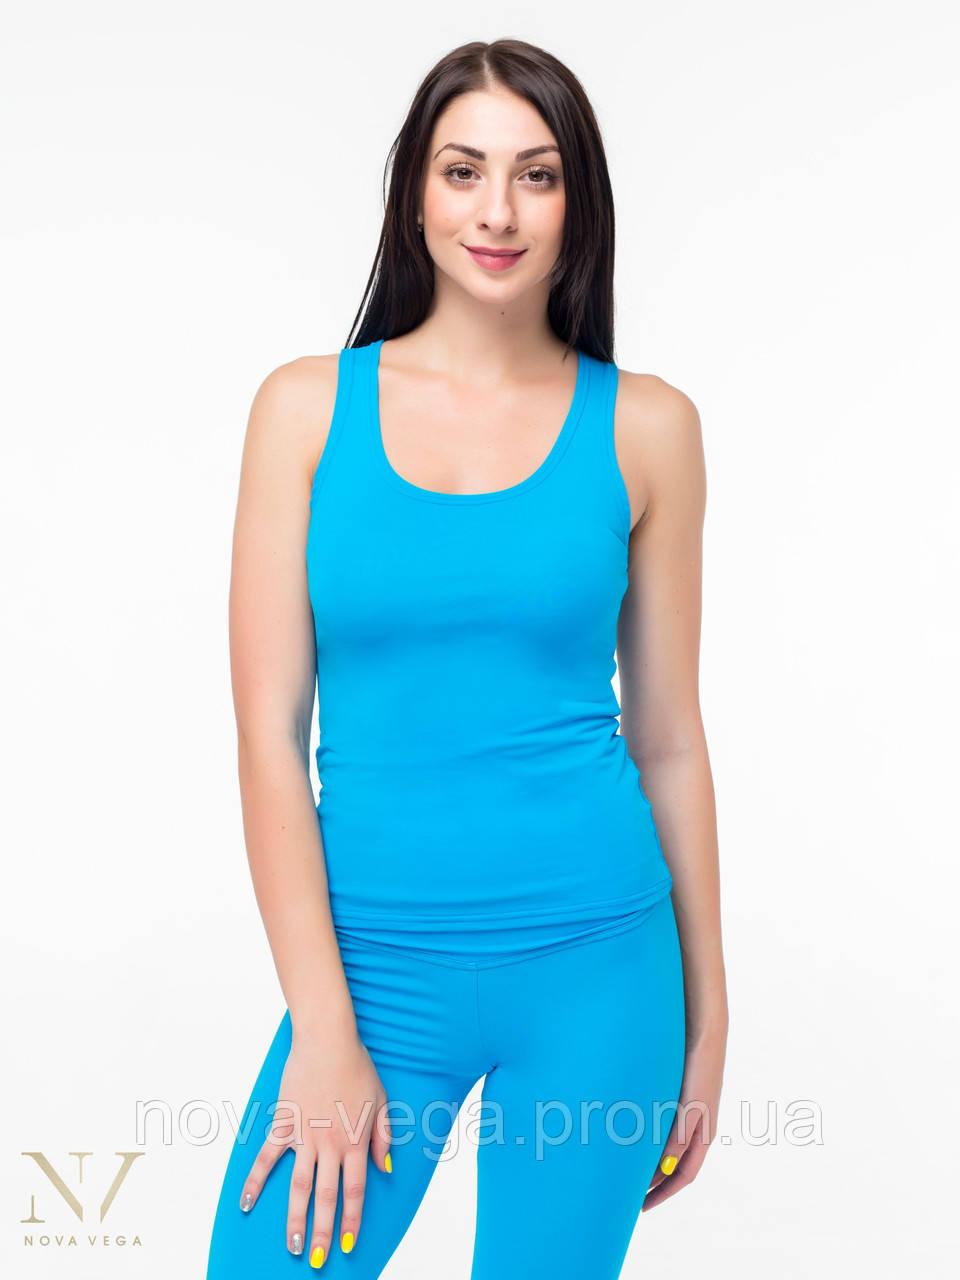 Спортивная Женская Майка-Боксерка Nova Vega Blue